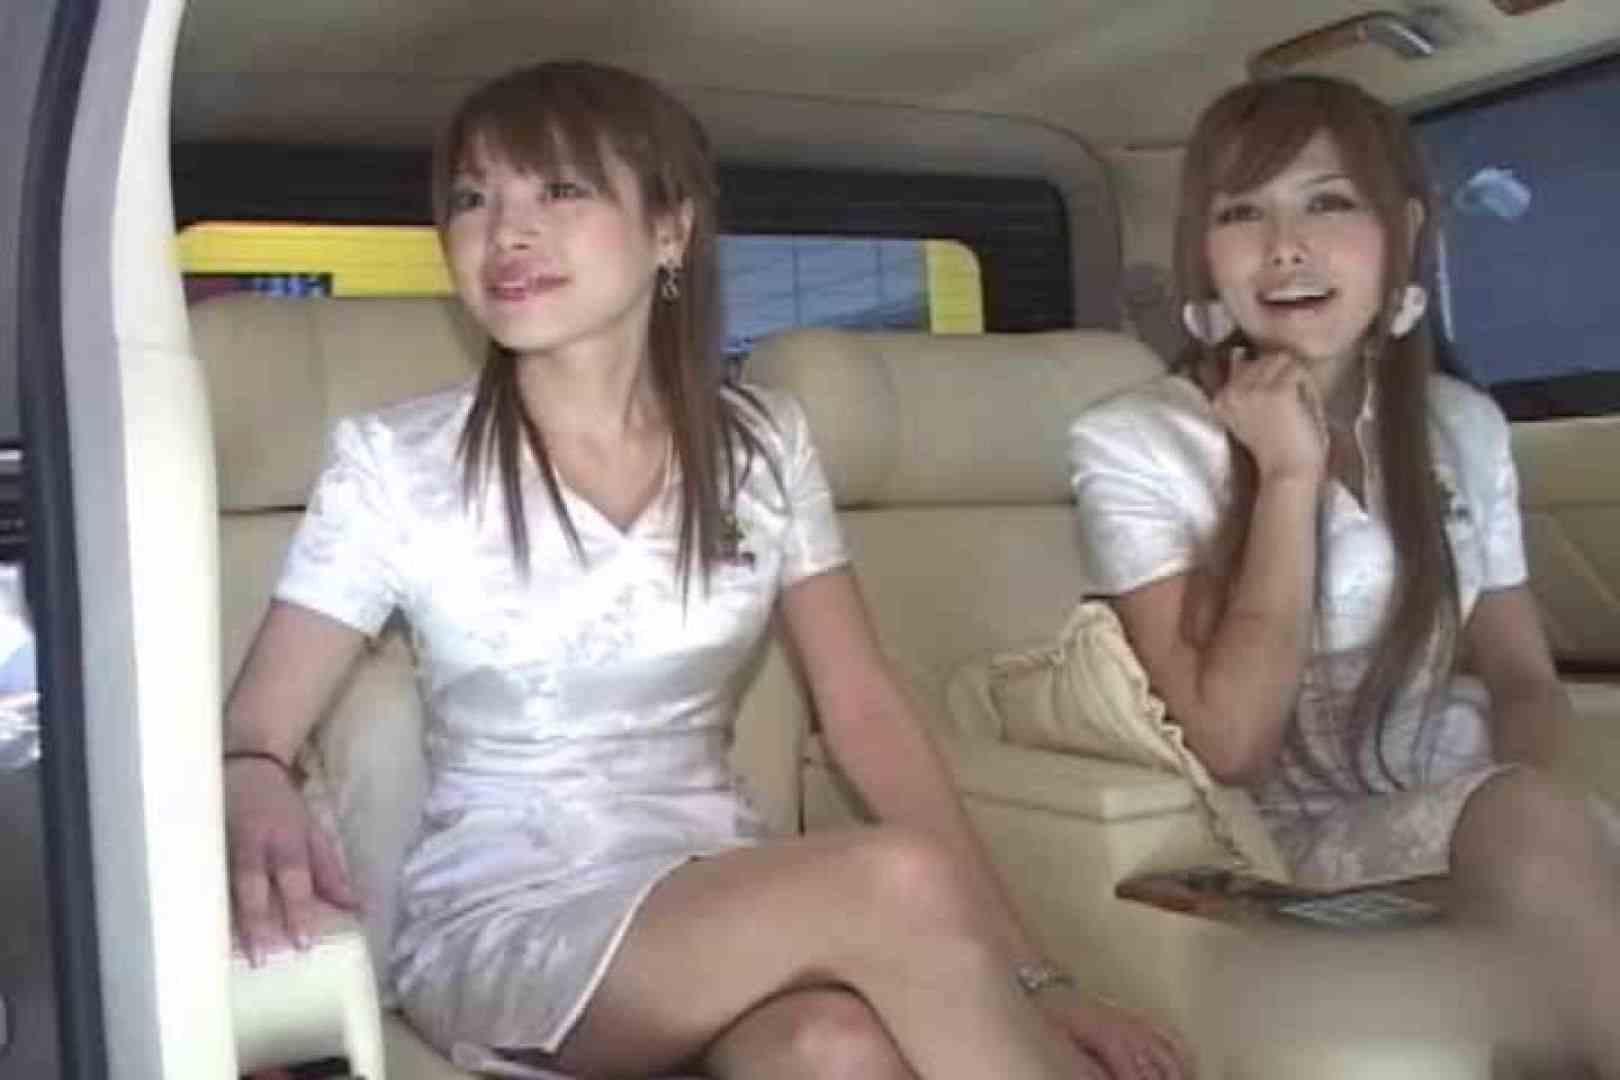 RQカメラ地獄Vol.27 美女  76pic 4